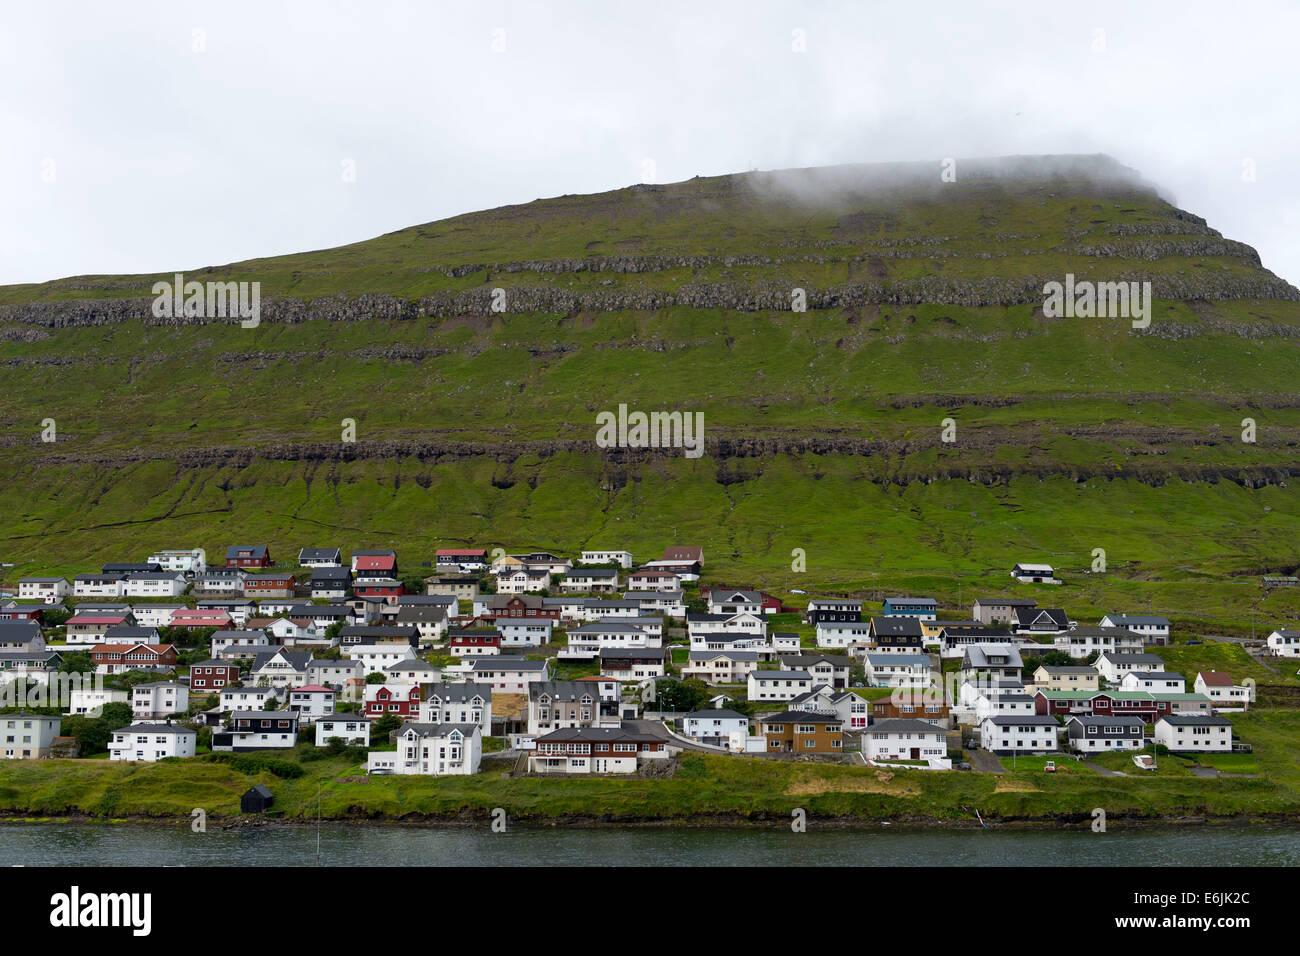 Maisons à Klaksvík dans les îles Féroé. (Klaksvik) Photo Stock